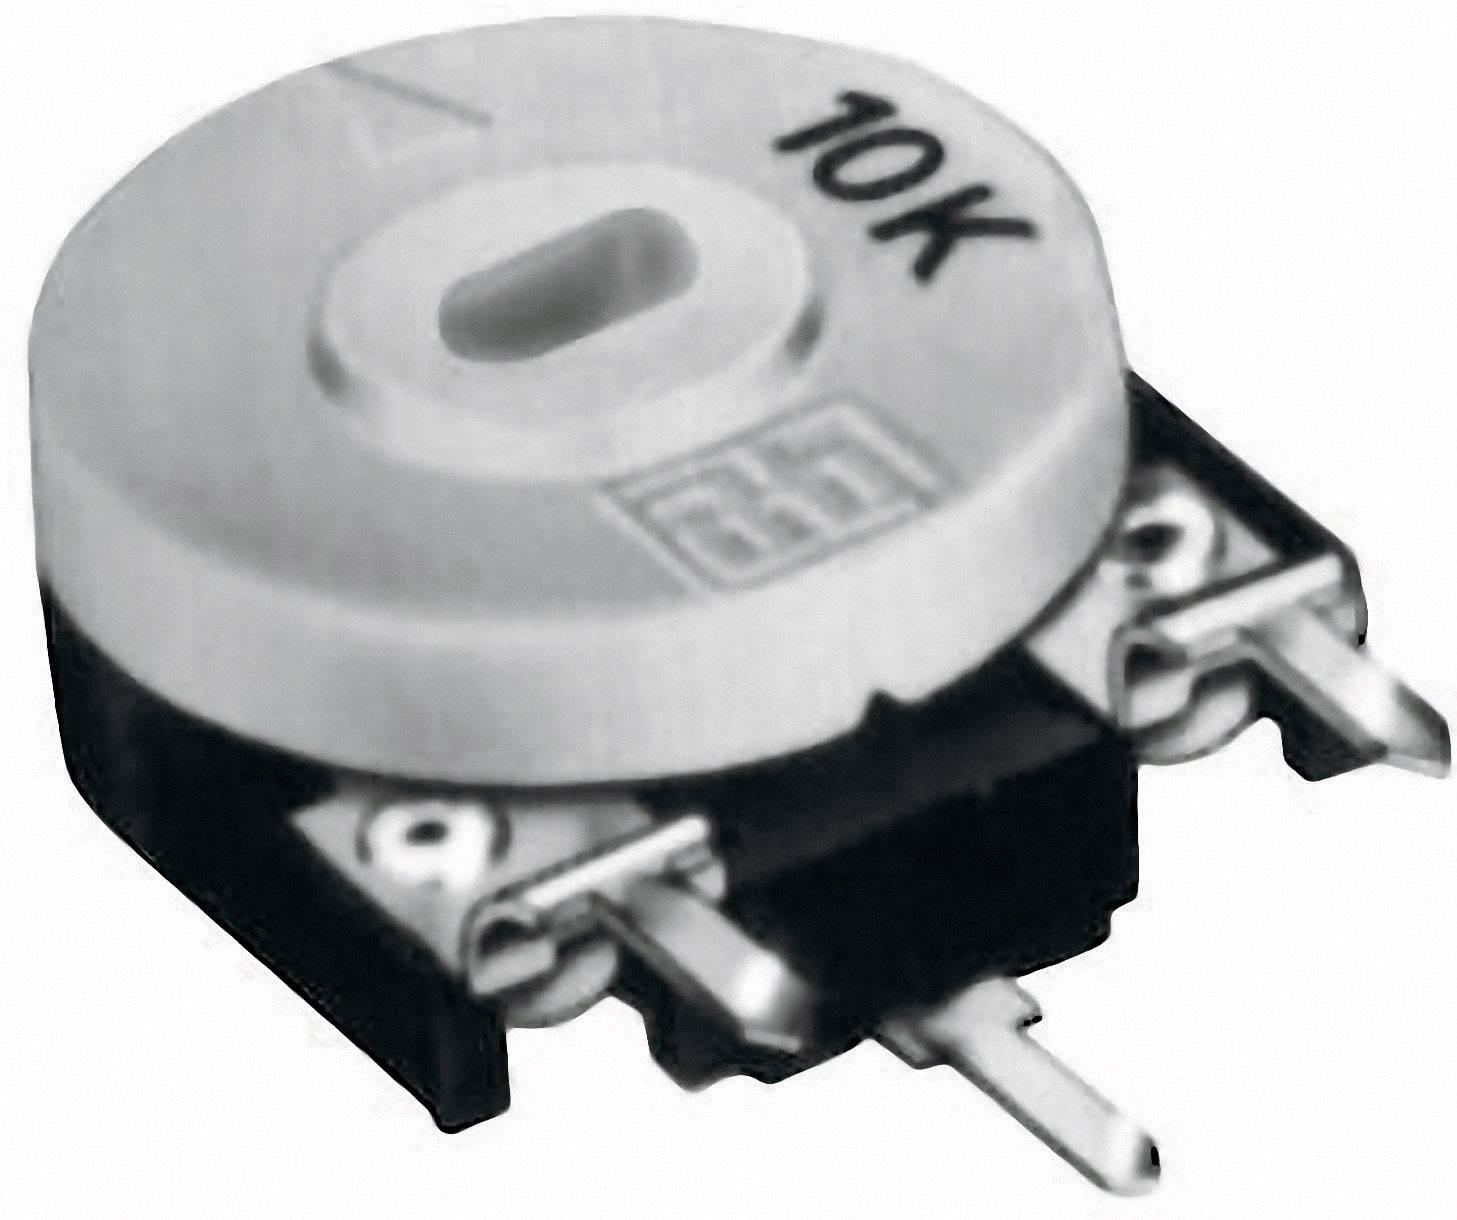 Uhlíkový trimr TT Electro, 21552005, 4,7 kΩ, 0,15 W, ± 20 %